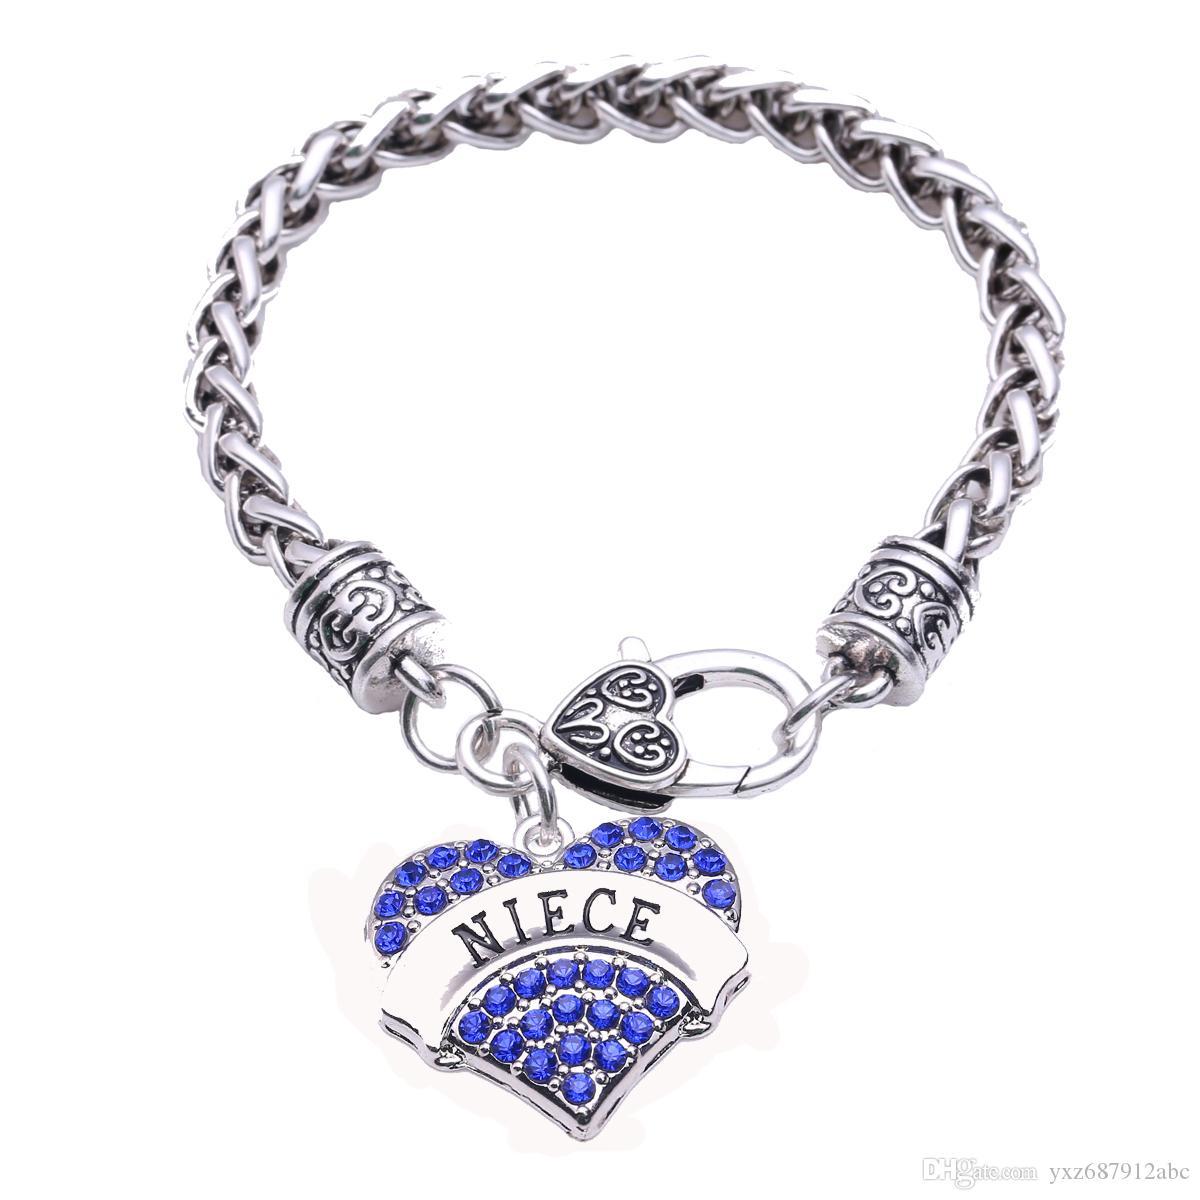 رسائل لطيف الأزياء قلب الحب الروديوم مطلي مع بلورات متألقة سحر أساور للمرأة المجوهرات هدية